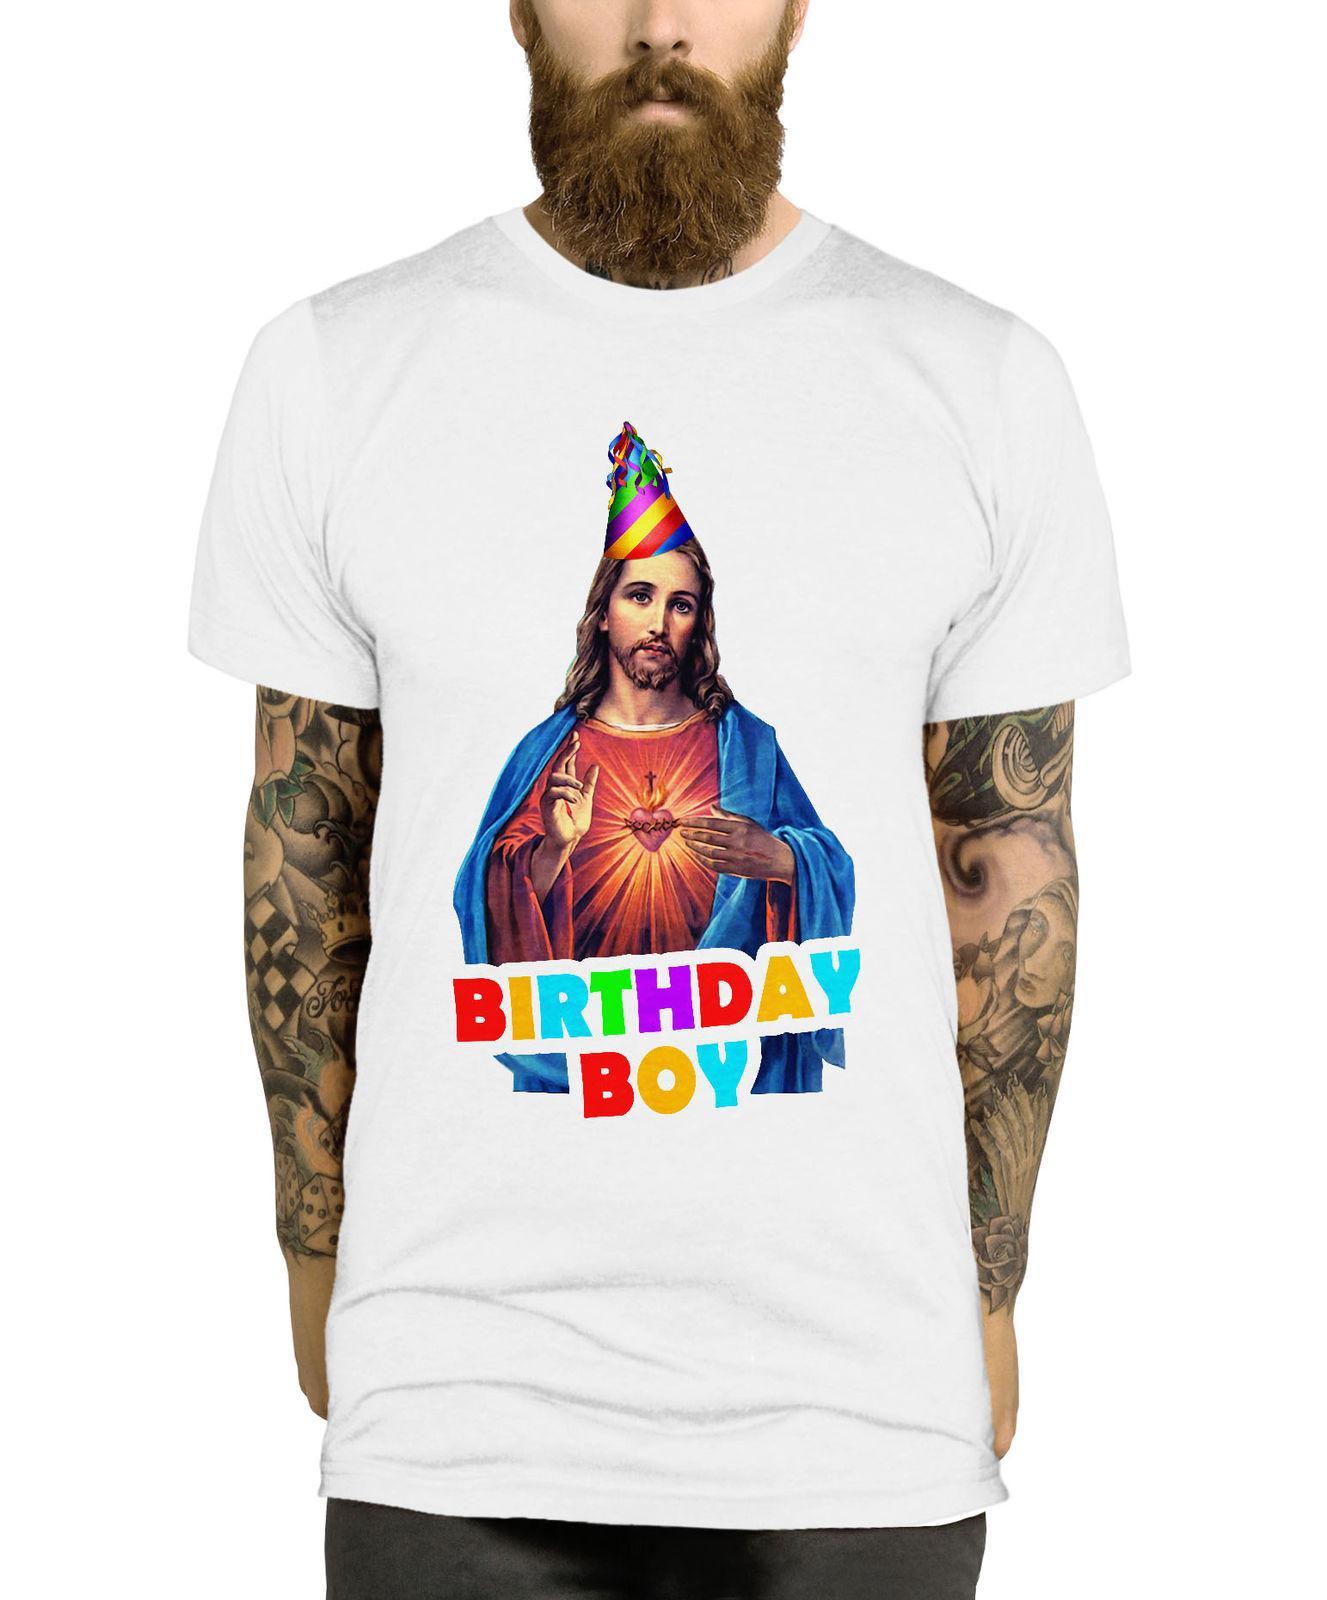 Grosshandel Birthday Boy Weihnachten T Shirt Lustige Jesus Parodie Herren Damen Kinder Top L345 Herrenbekleidung Shirts Manner Hot